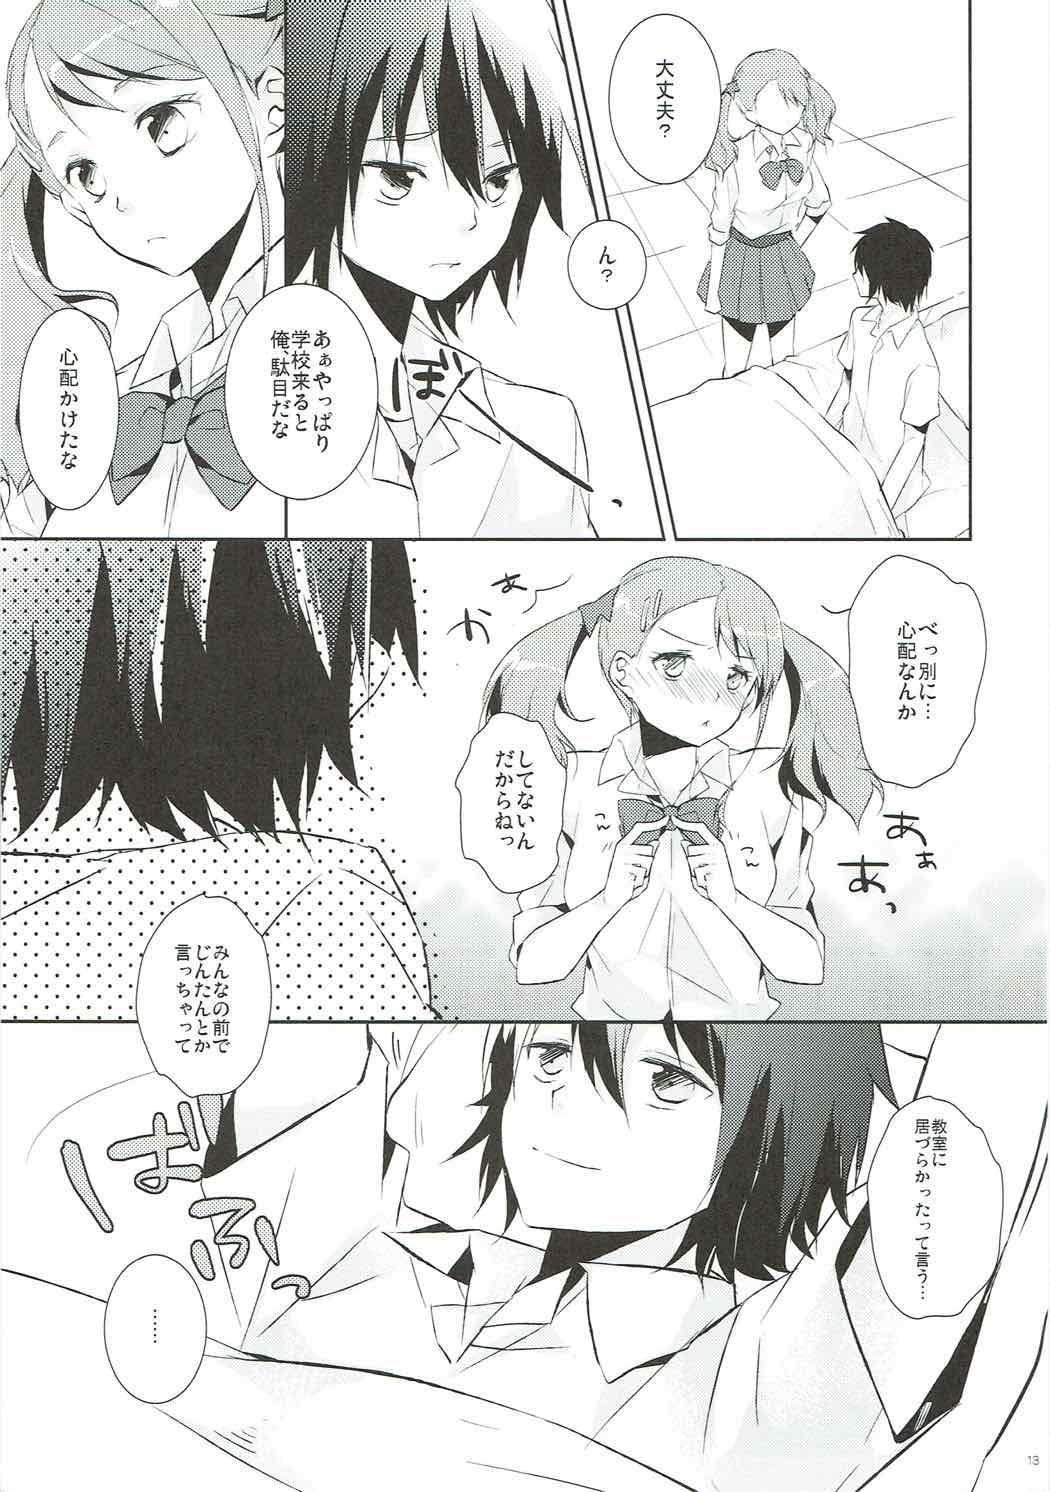 Ano Hi Mita Chichi no Kanshoku o Bokutachi wa Mada Shiranai. 11